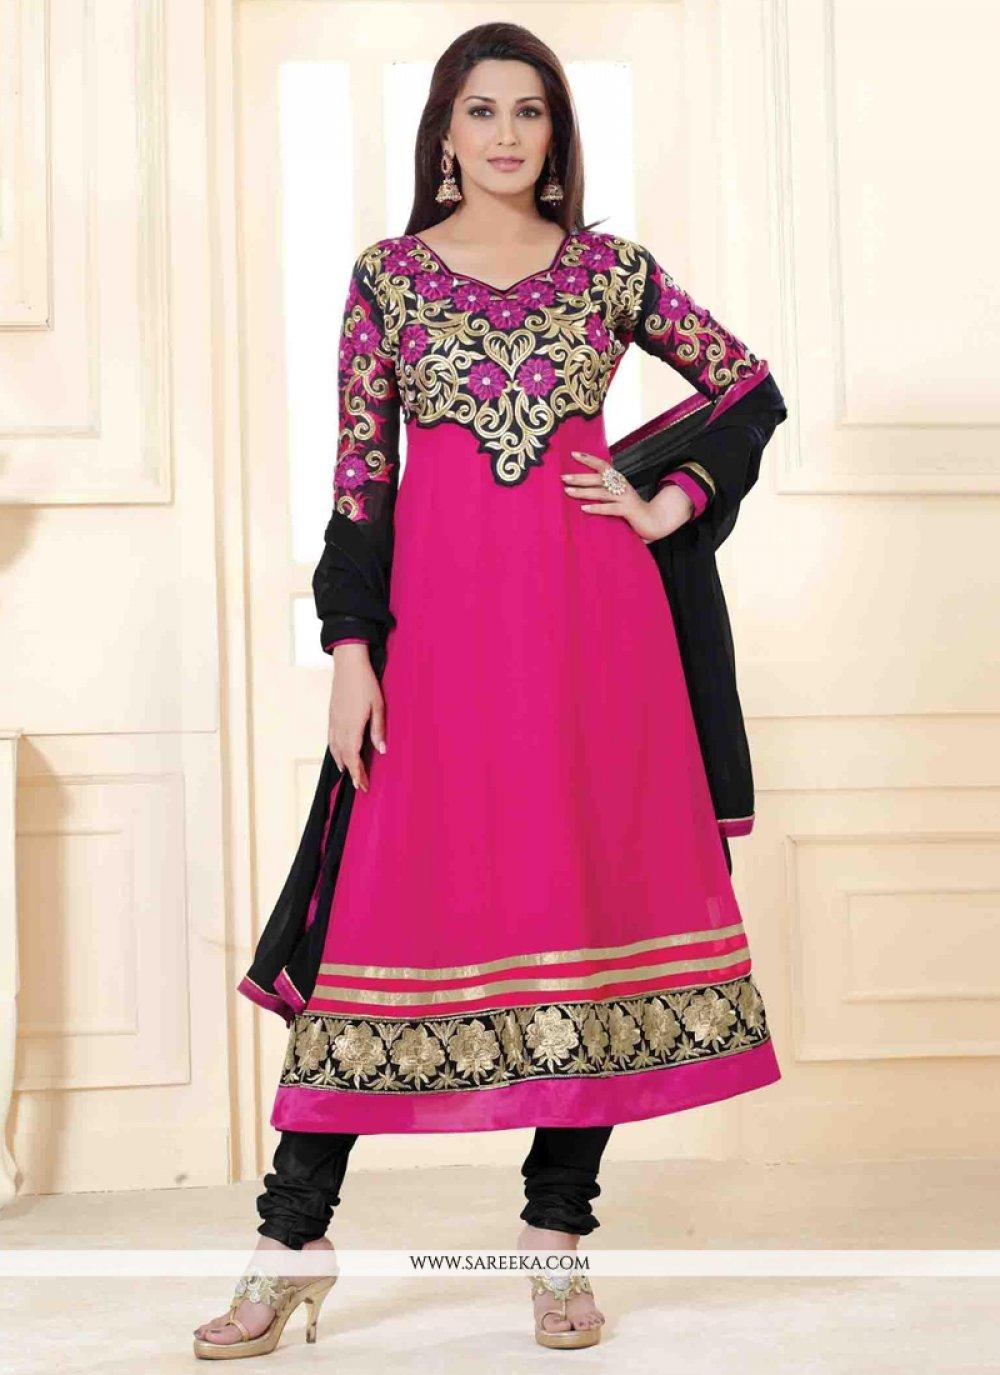 Sonali Bendre Hot Pink Georgette Anarkali Suit